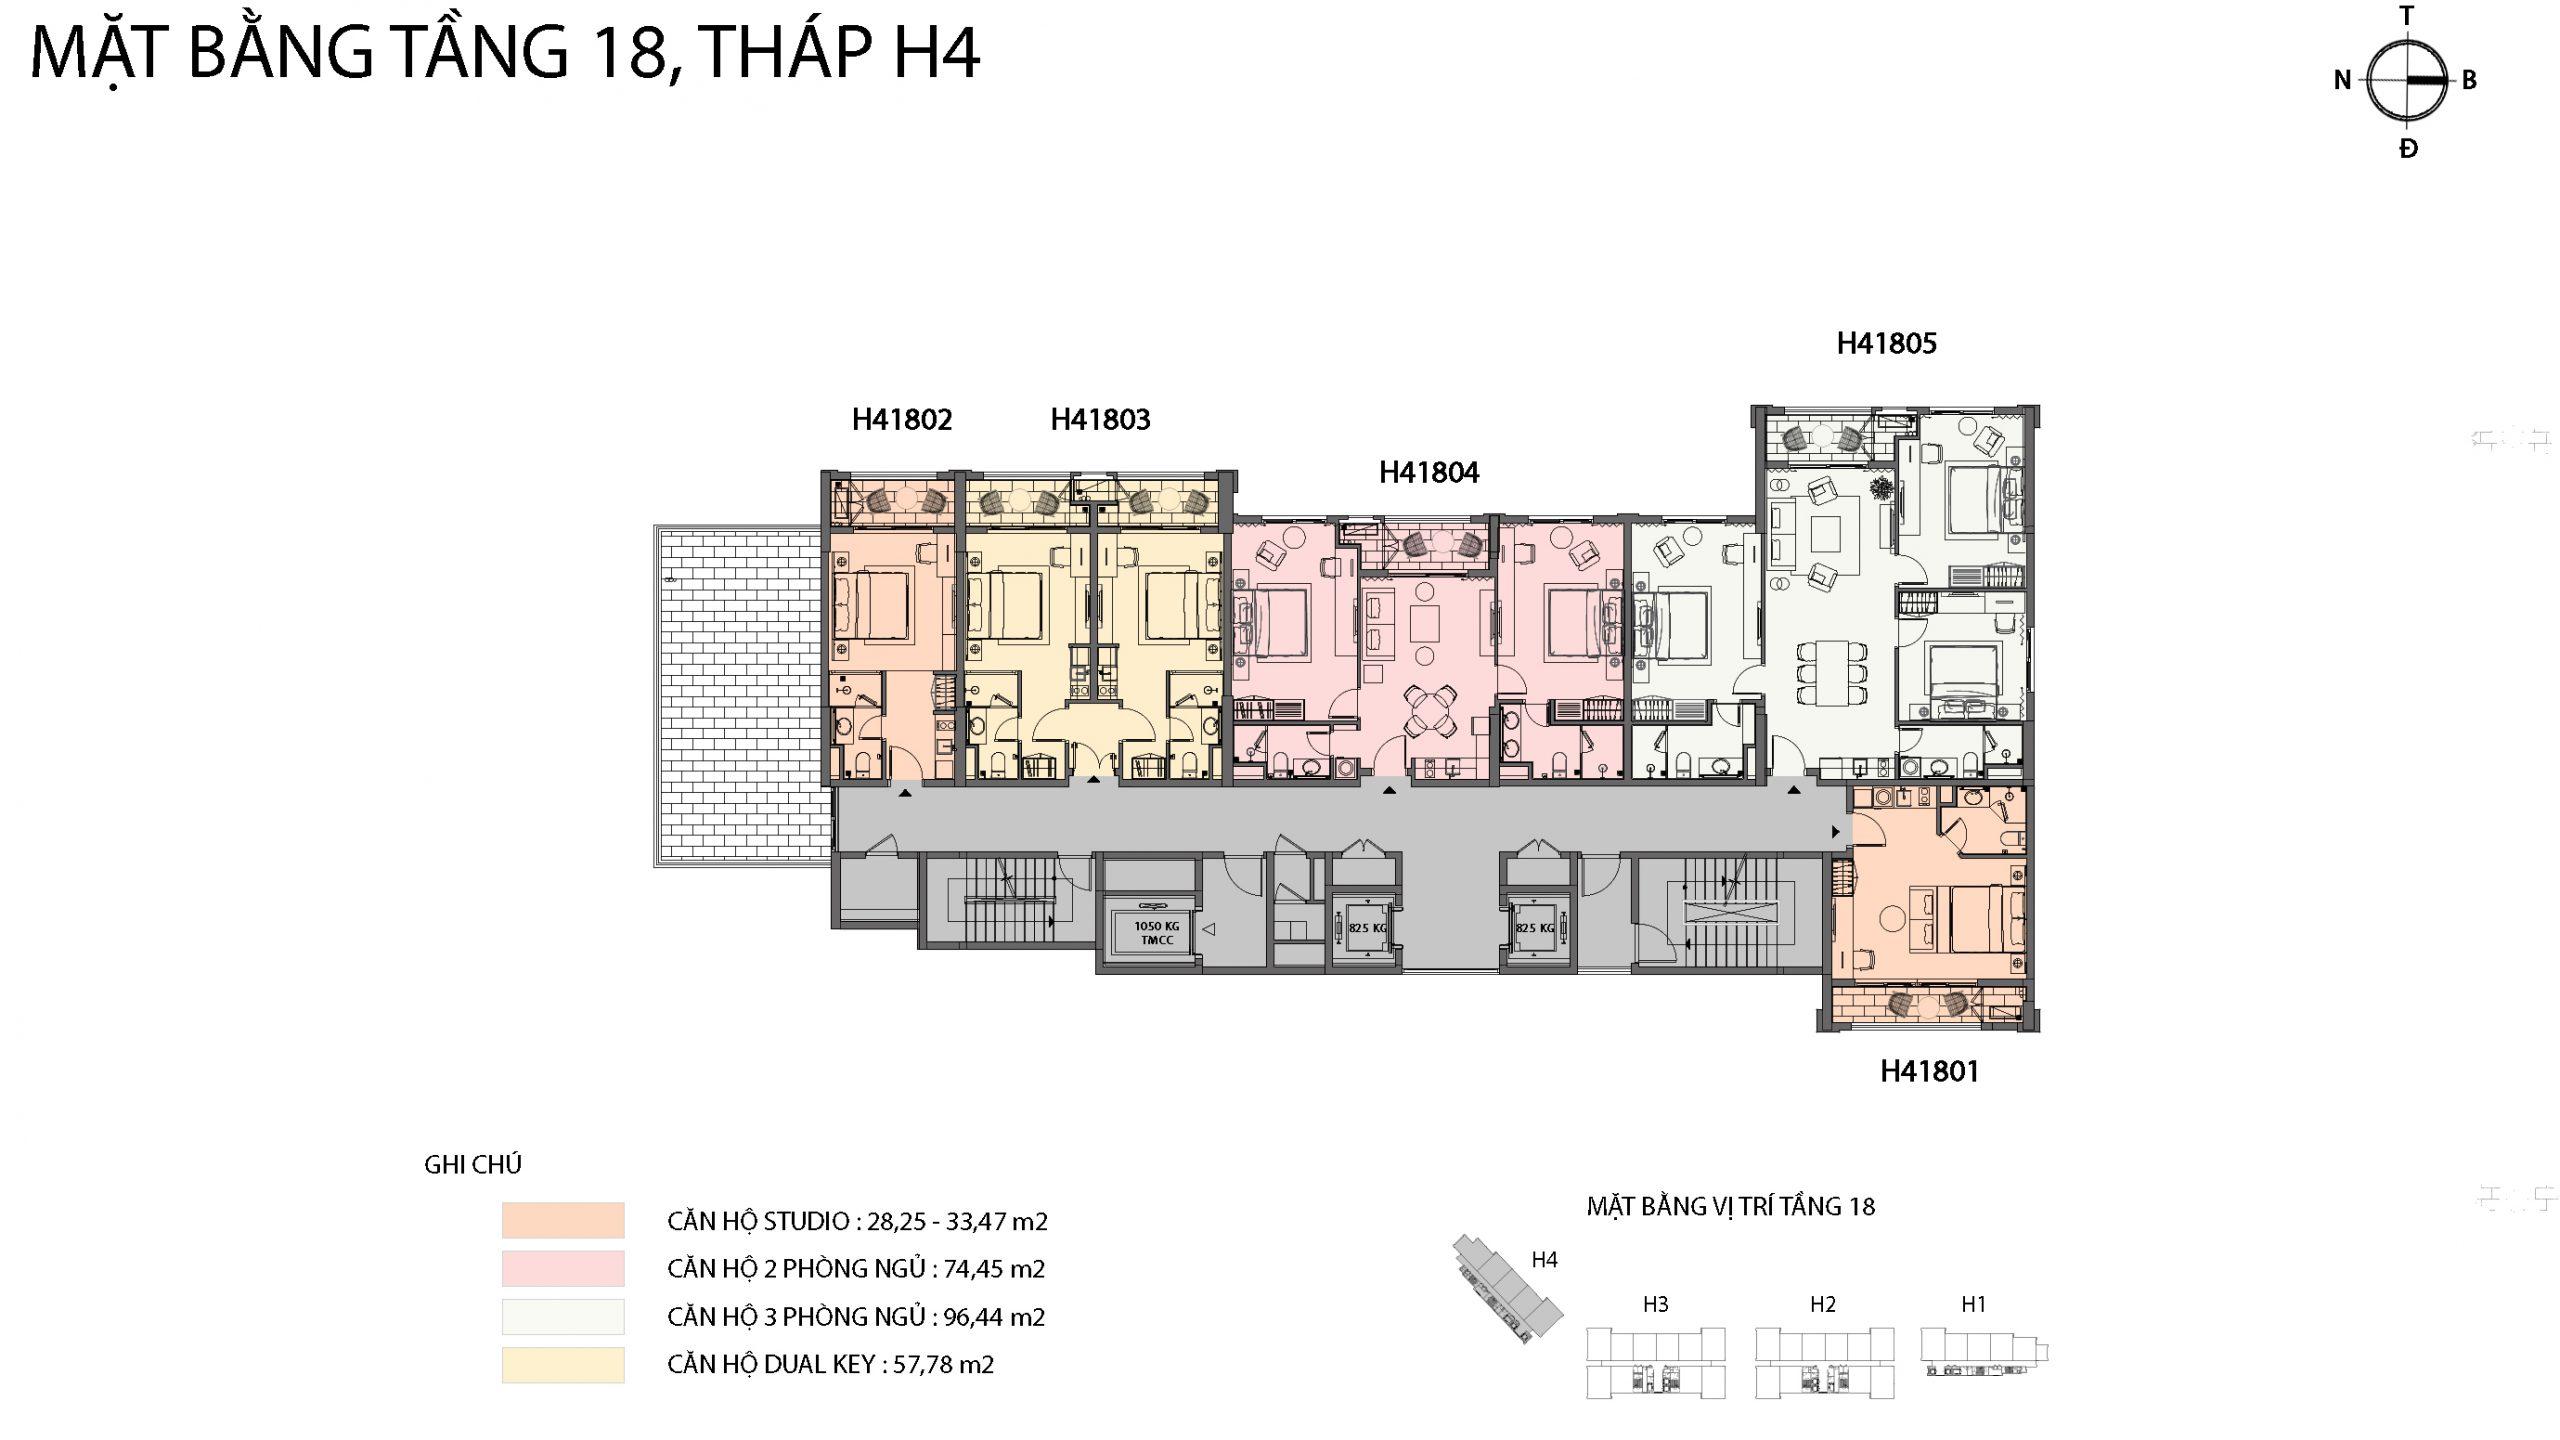 Mặt bằng chi tiết tòa căn hộ H4 - Sun Grand City Hillside Residence 16